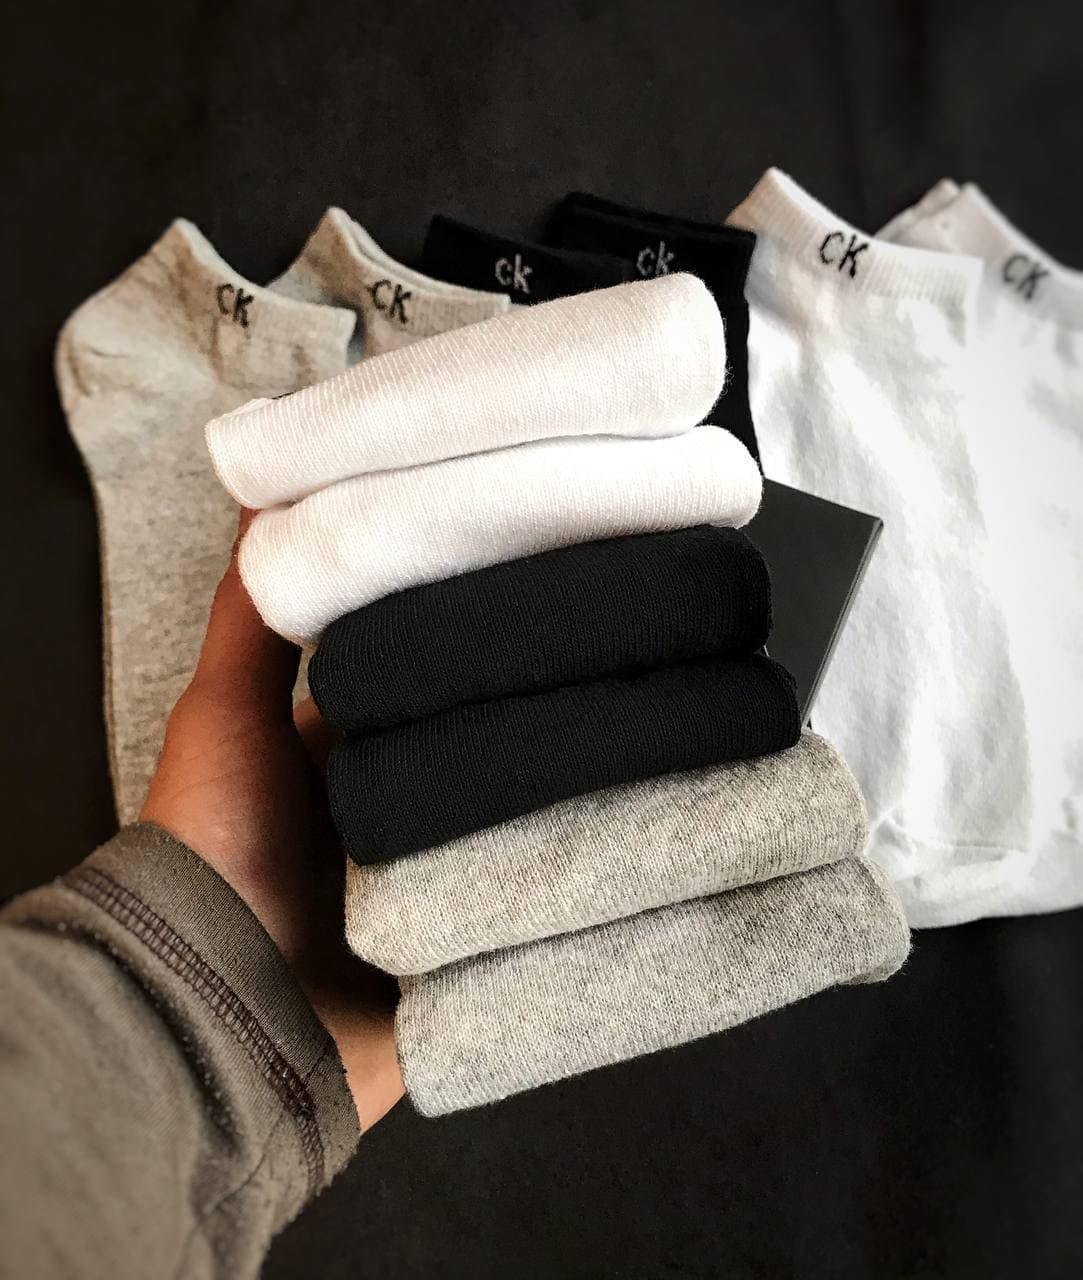 Набор коротких мужских носков Calvin Klein 6 пар в подарочной упаковке!